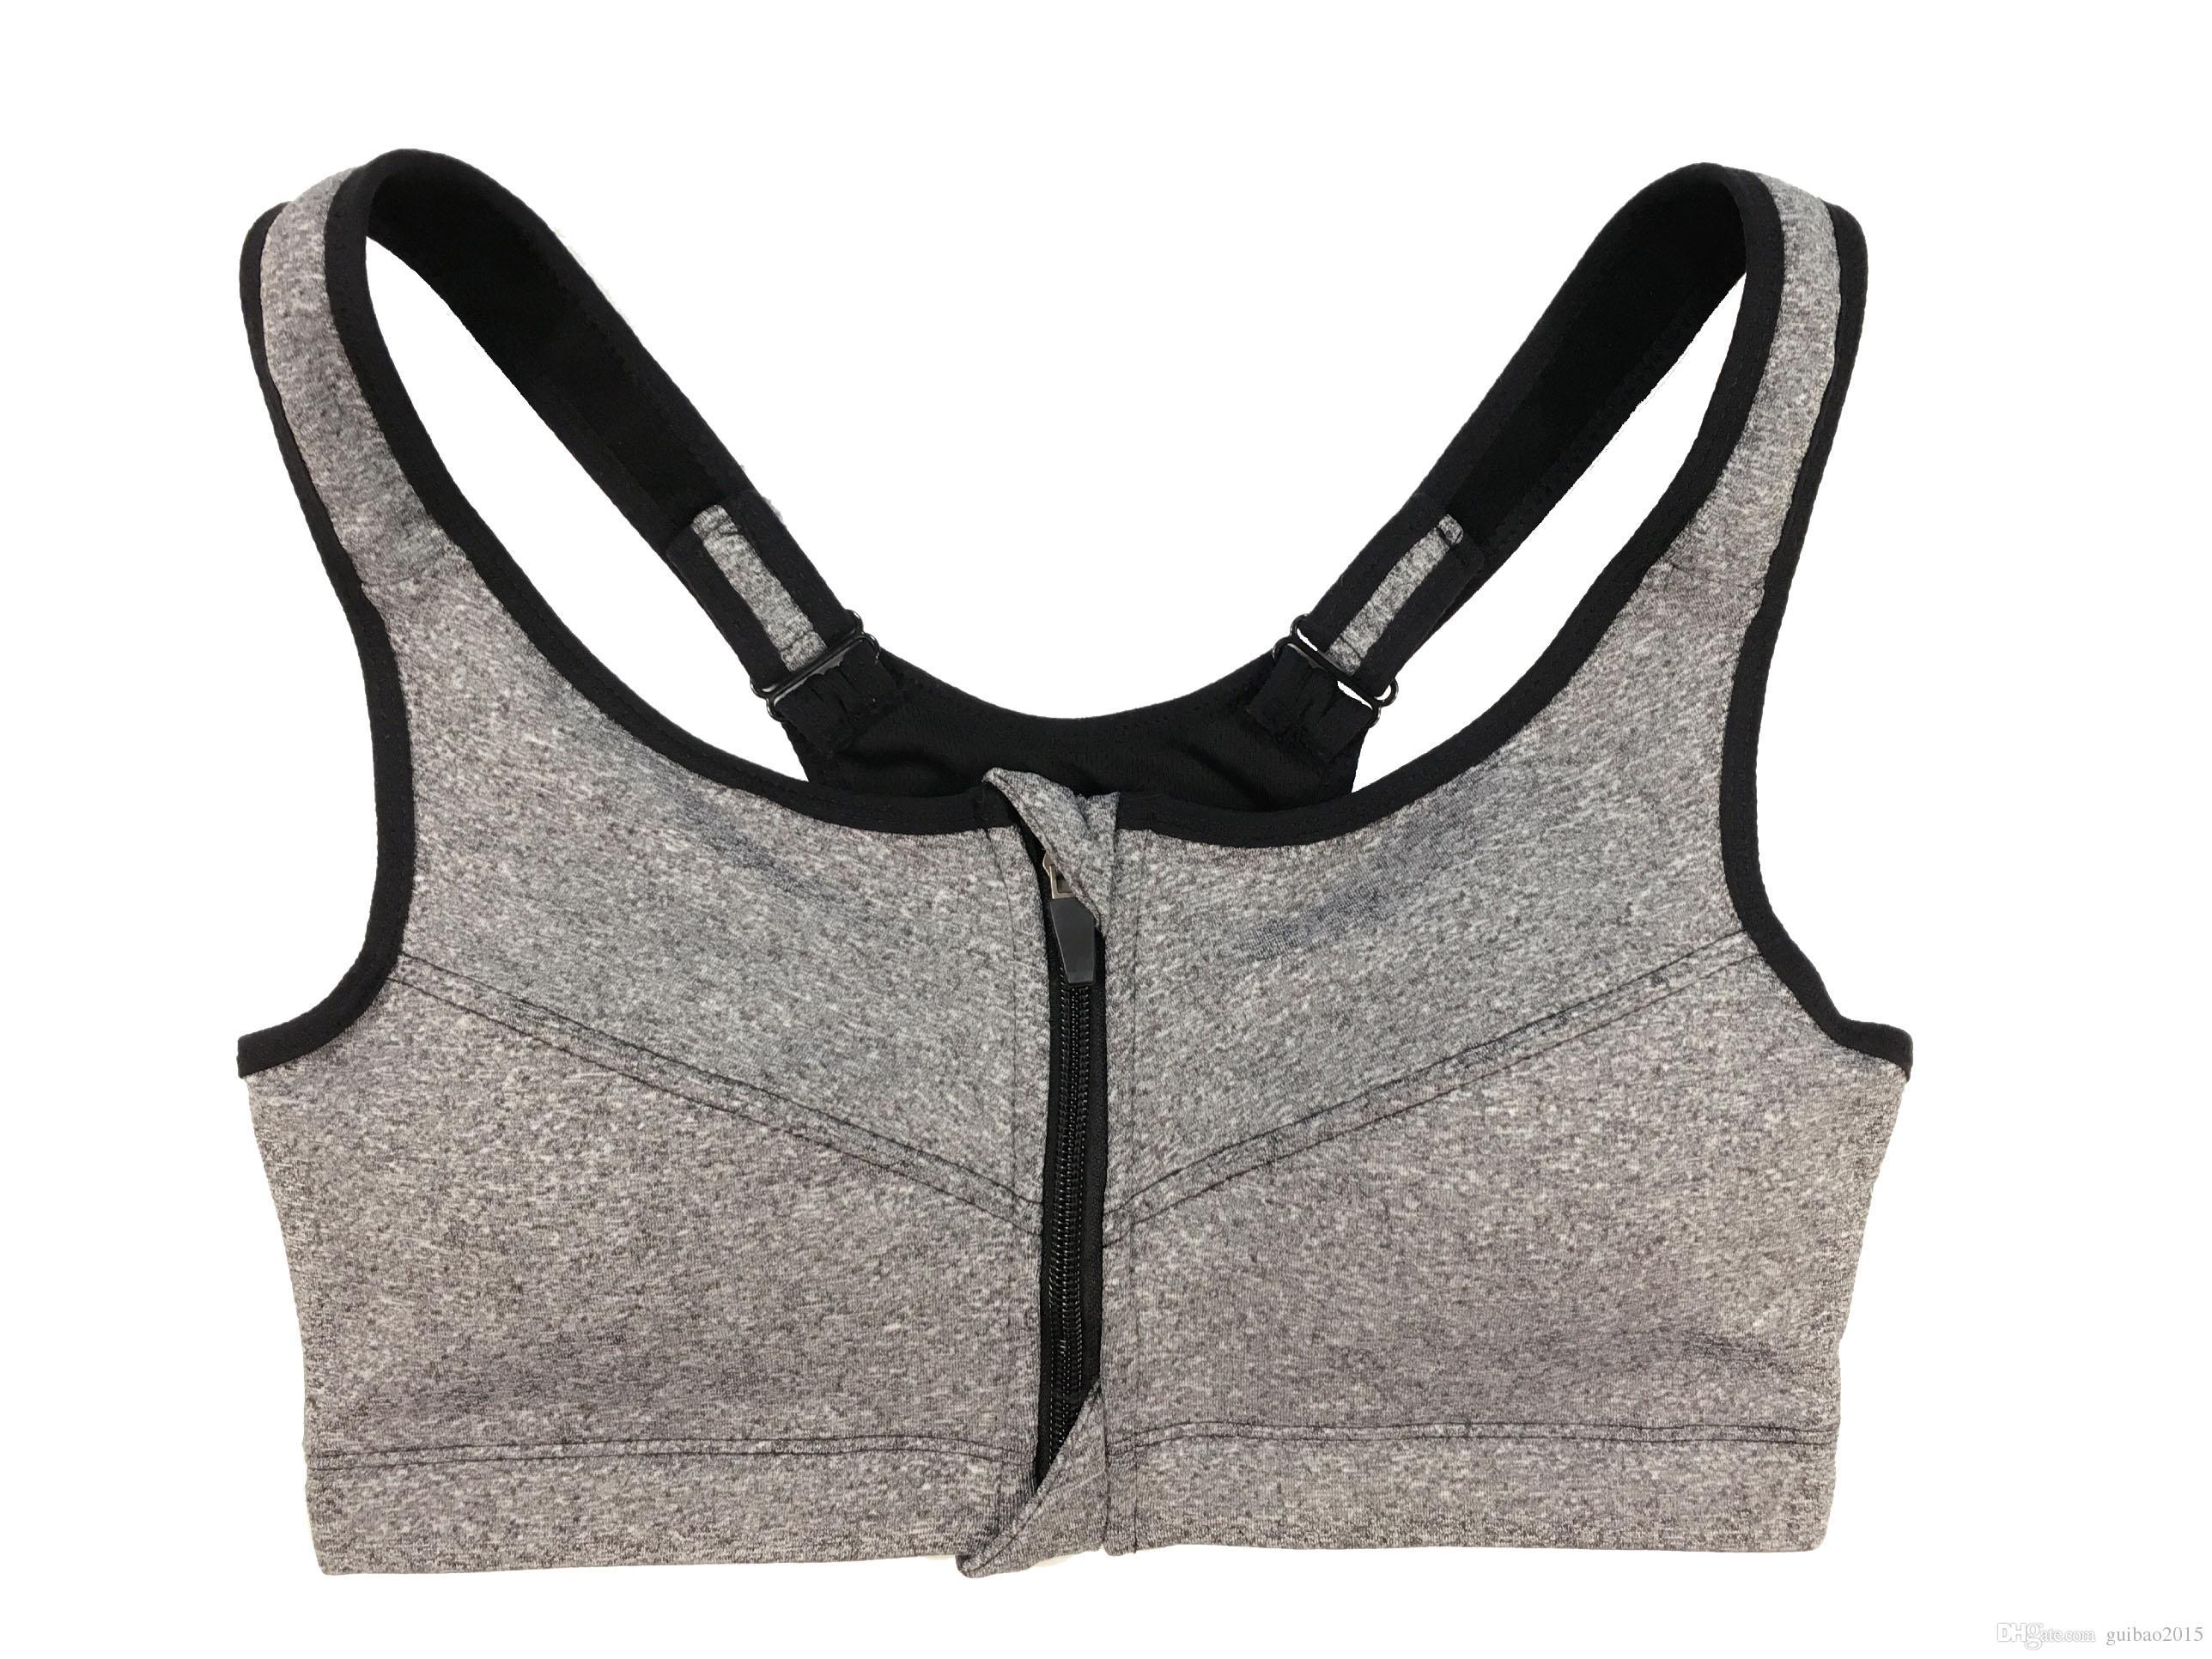 Kadın Spor Yoga Dikişsiz Sutyen Şok Prova Yüksek Etki Egzersiz Gym Sütyen